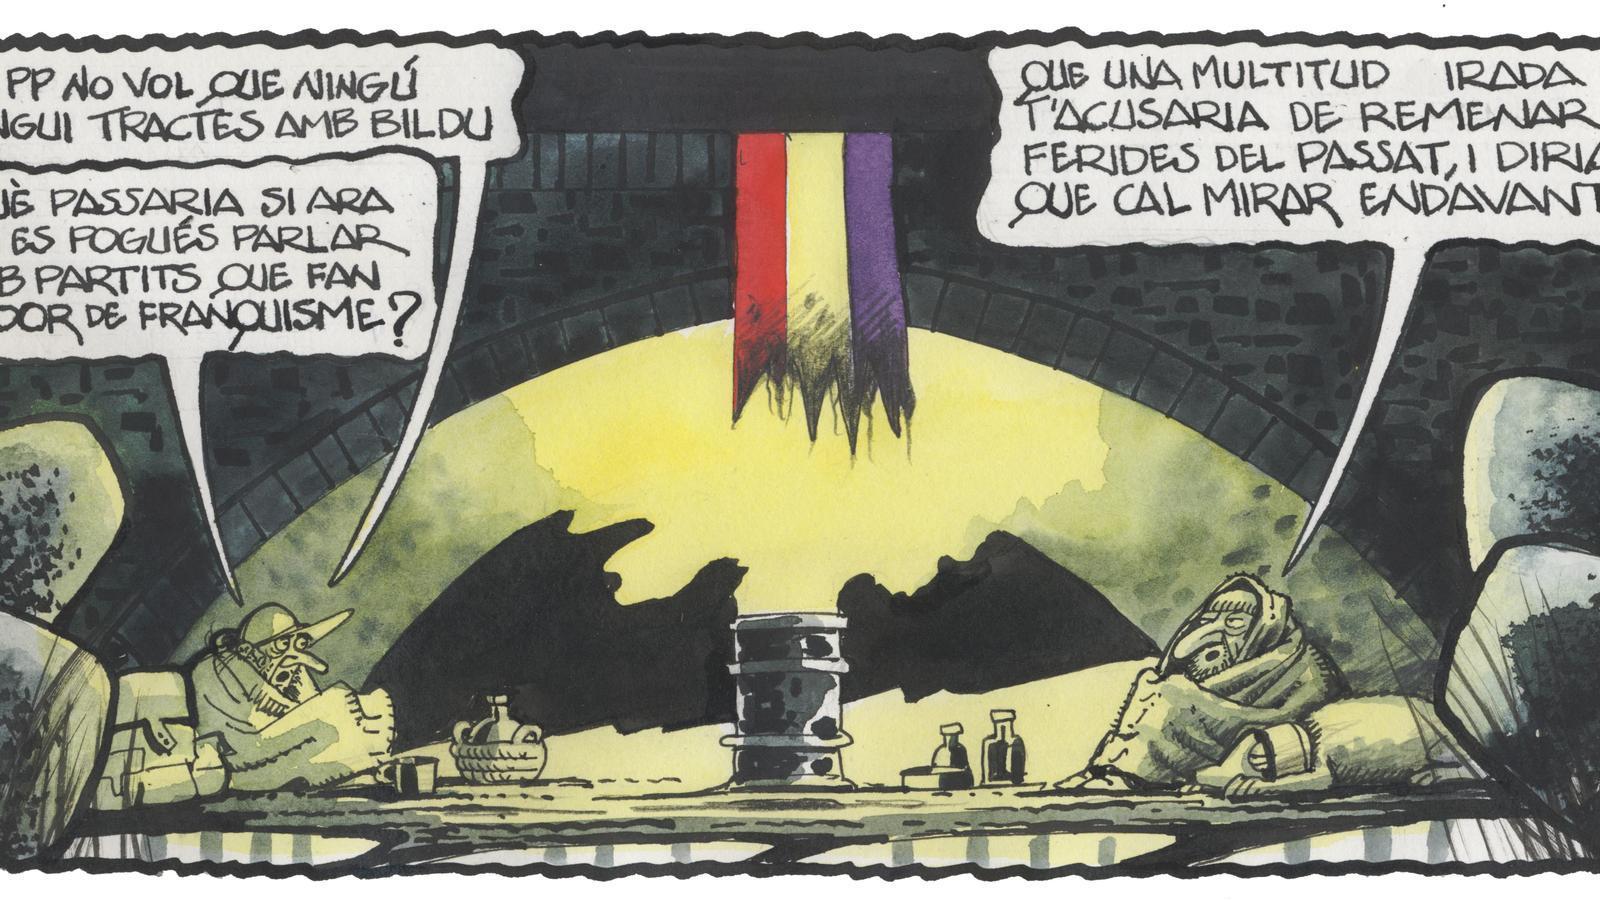 'A la contra', per Ferreres 22/11/2020